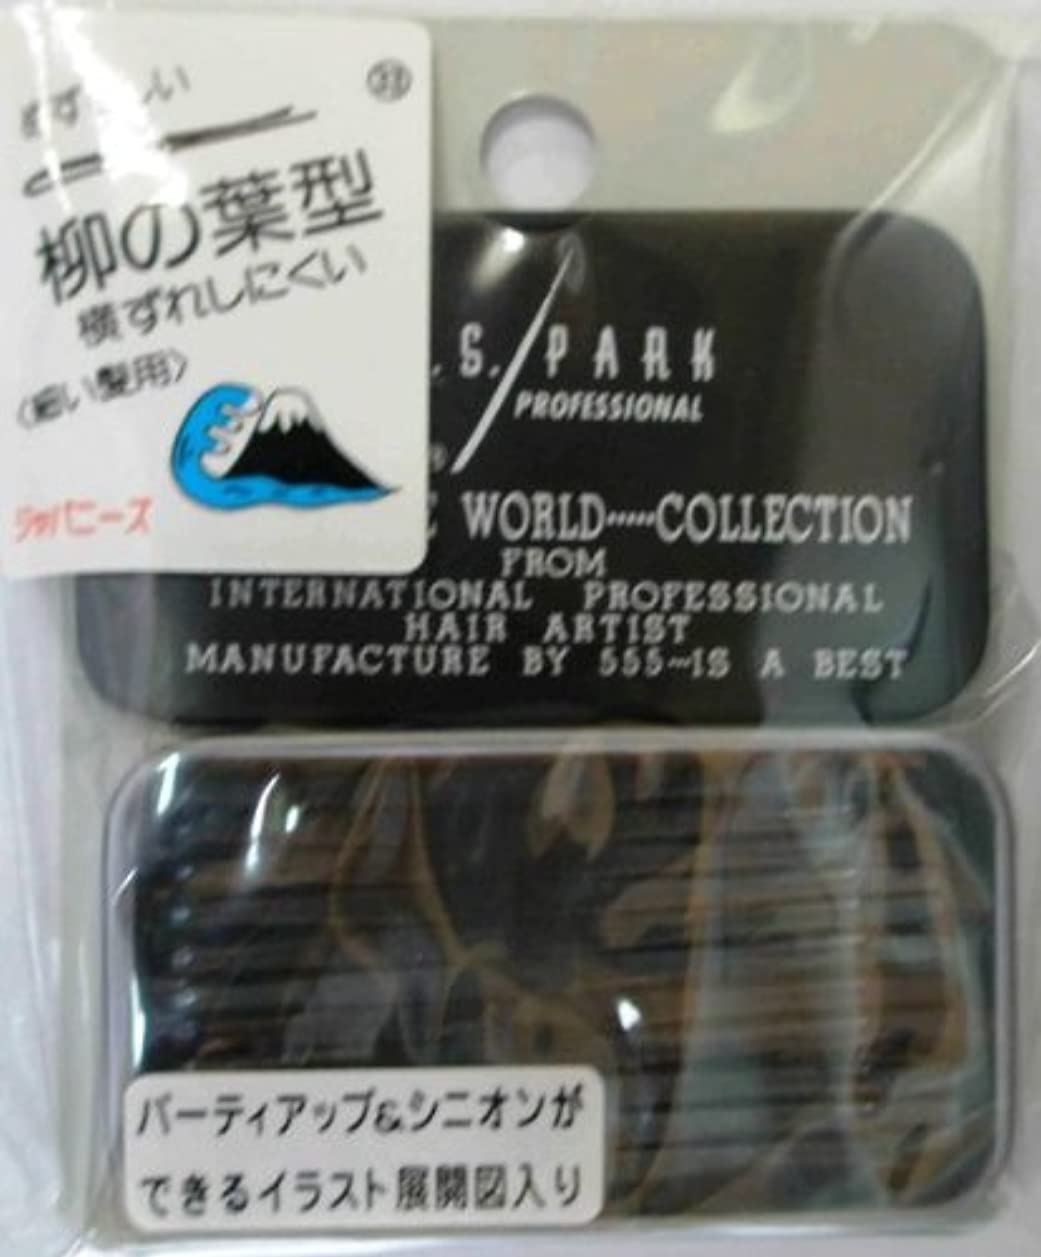 抜け目がない発動機ライターY.S.PARK世界のヘアピンコレクションNo.33(細い髪用)ジャパニーズ32P